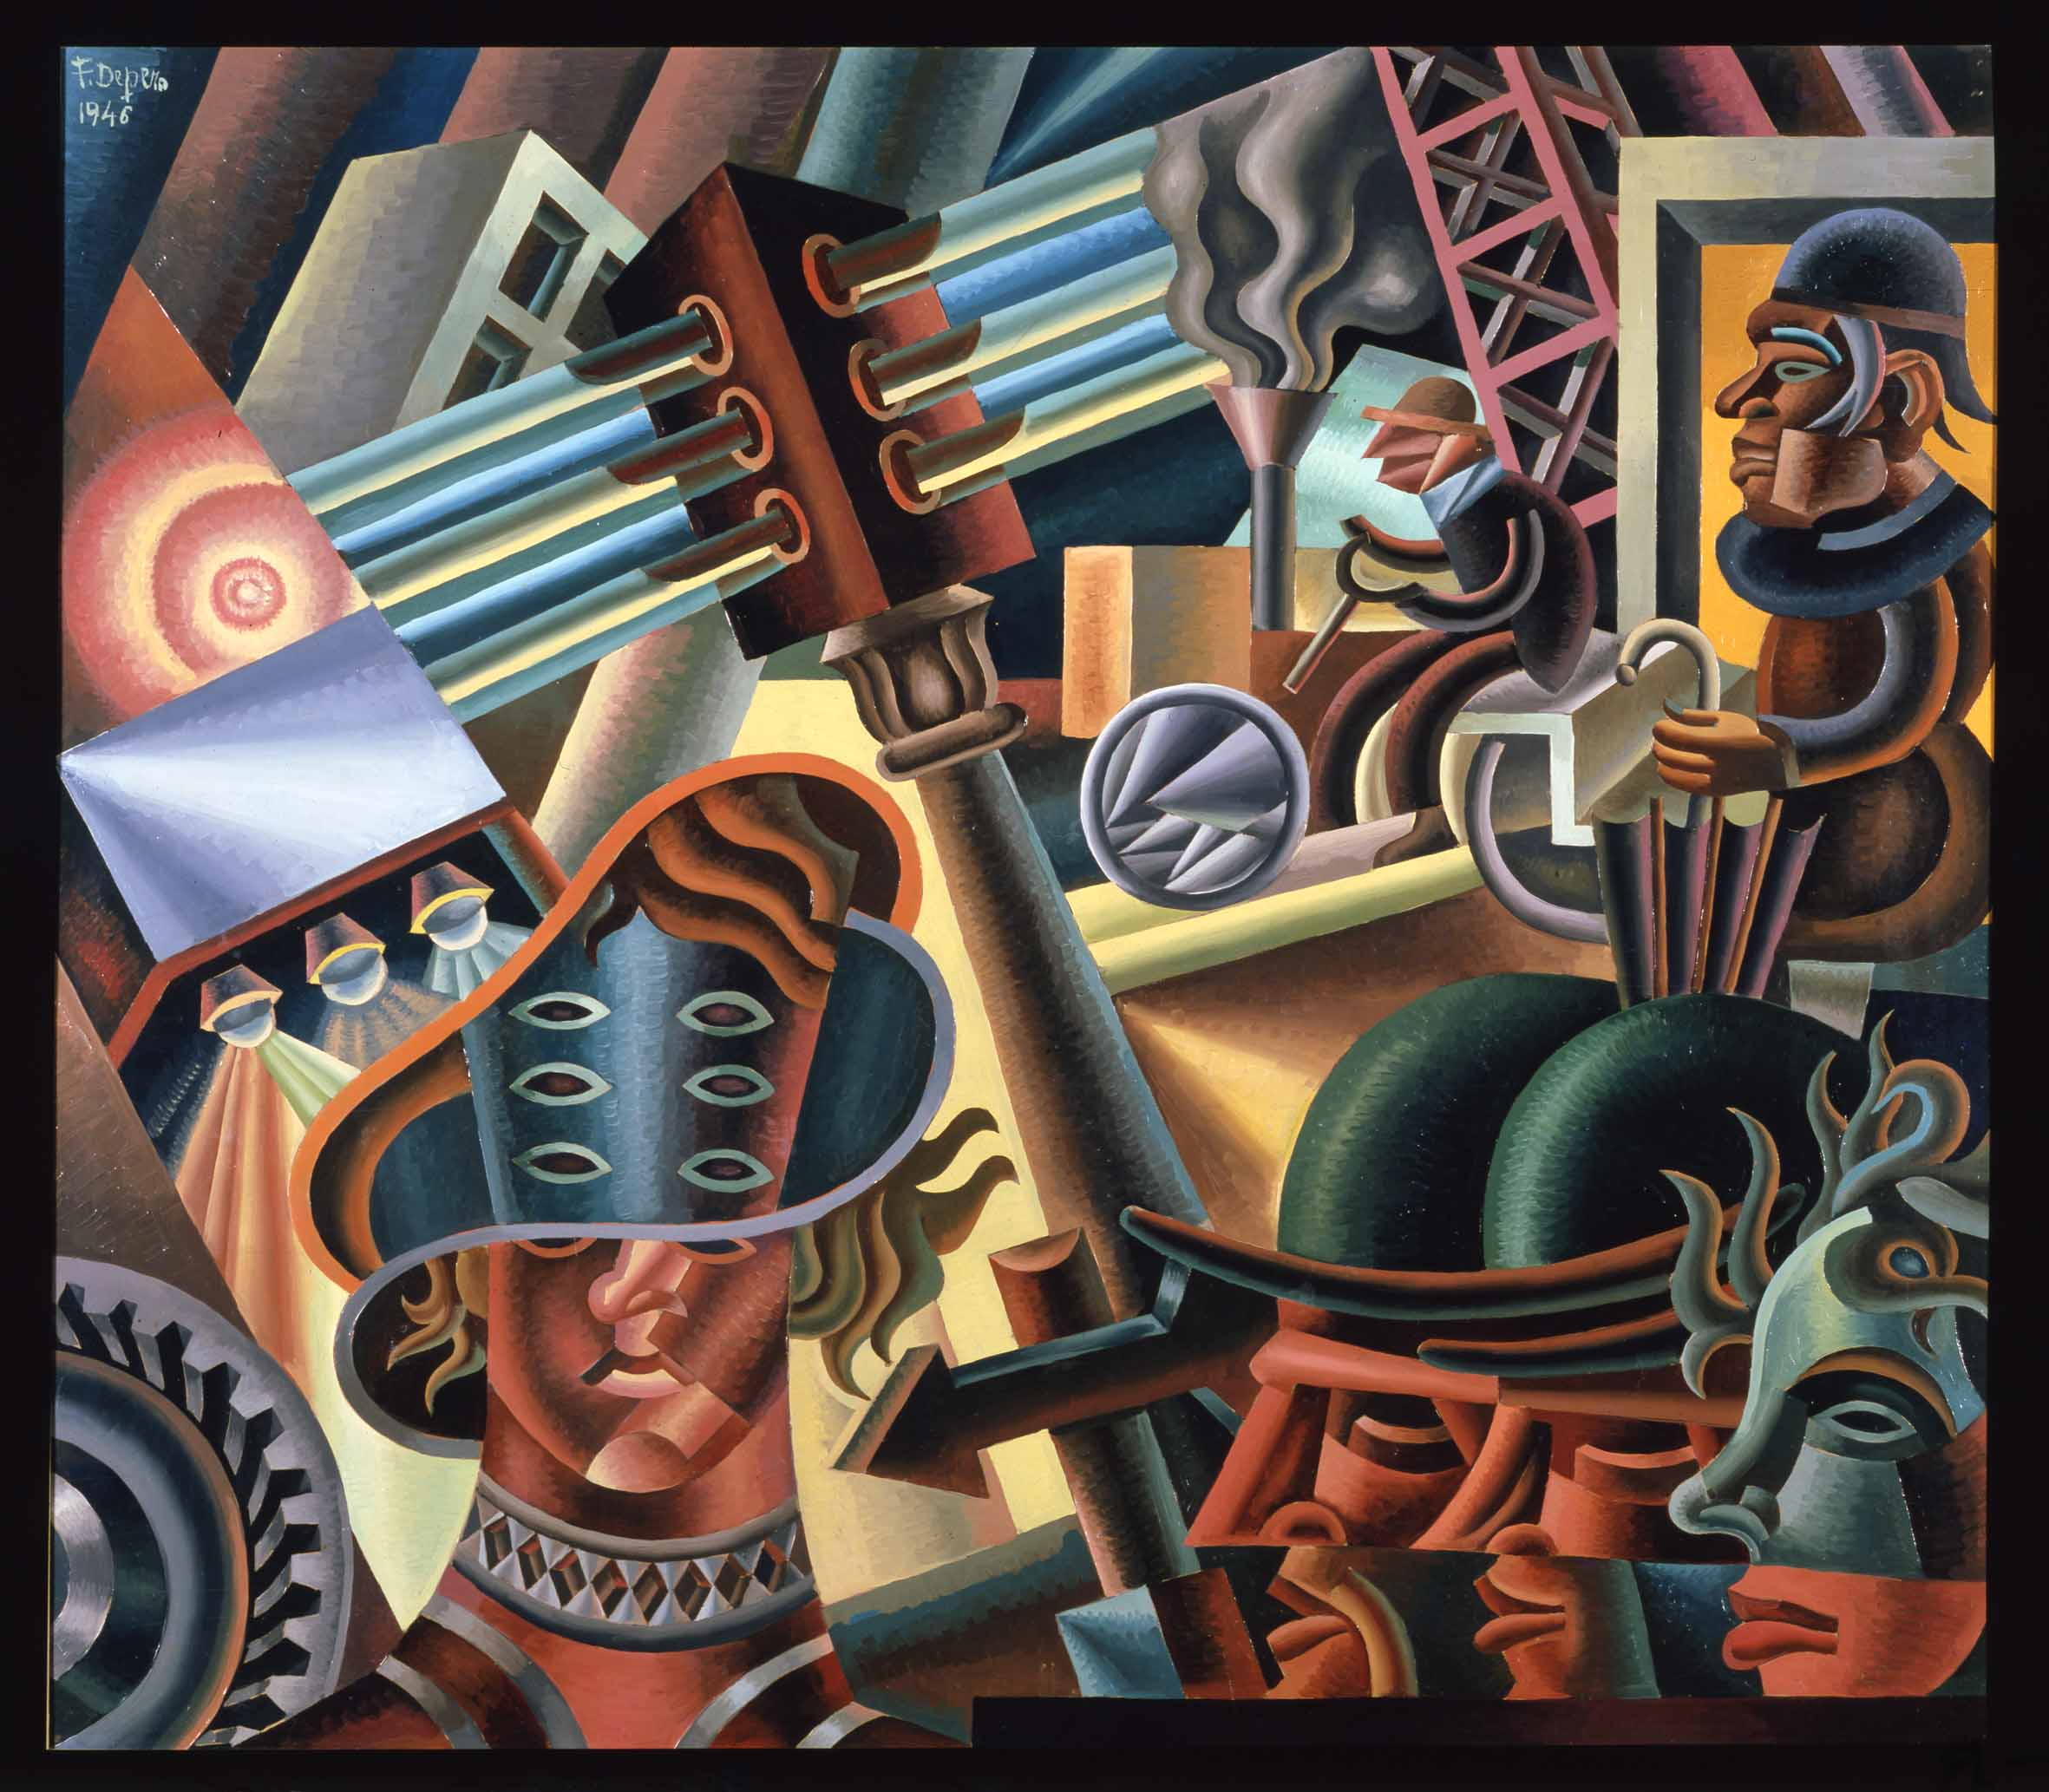 Fortunato Depero, Simultaneità metropolitane, 1946, Rovereto, Mart, Fondo Depero